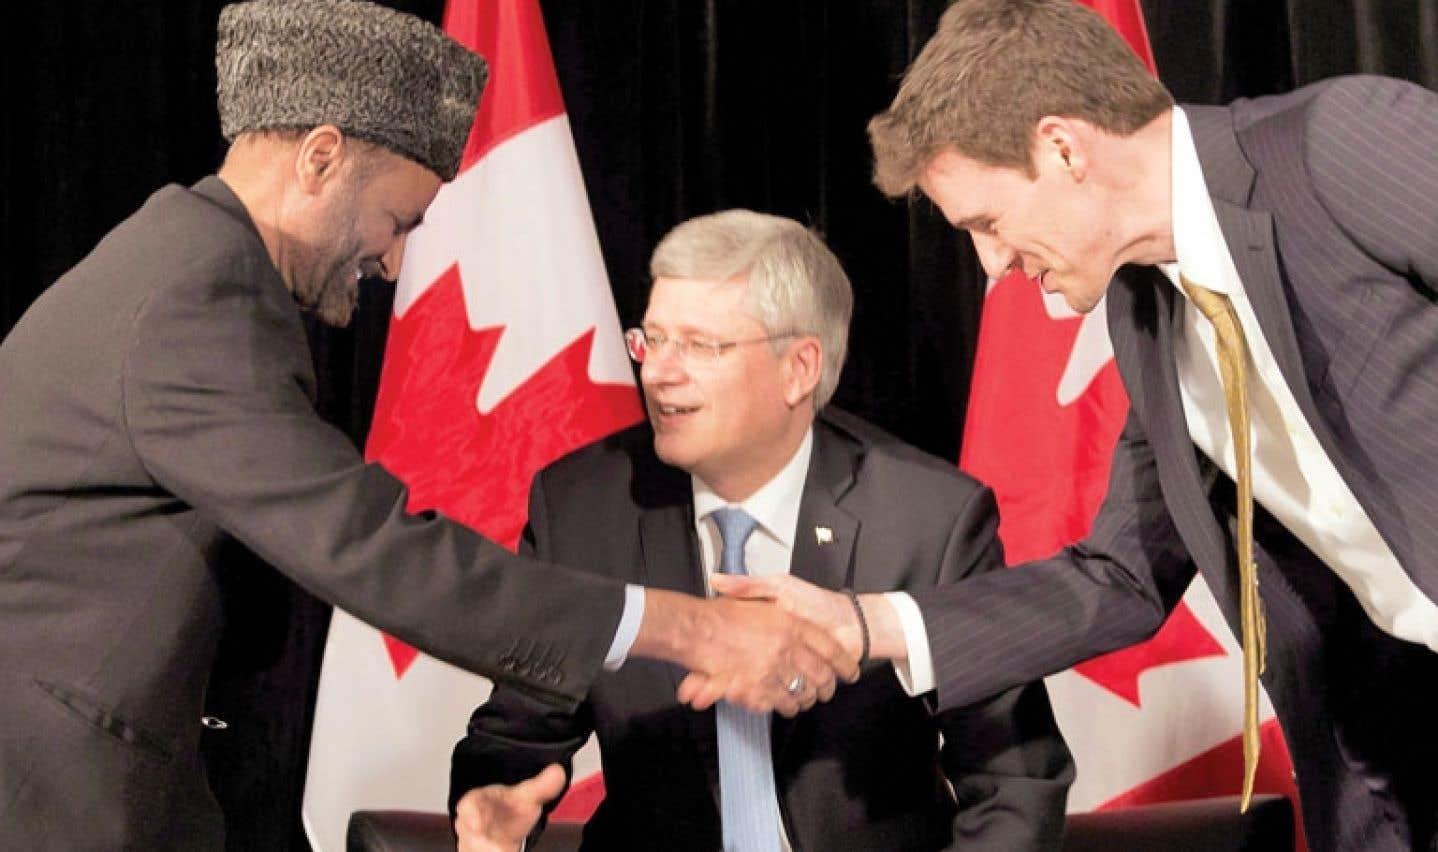 Bureau de la liberté de la religion - Comment seront accueillies les minorités étrangères en danger?